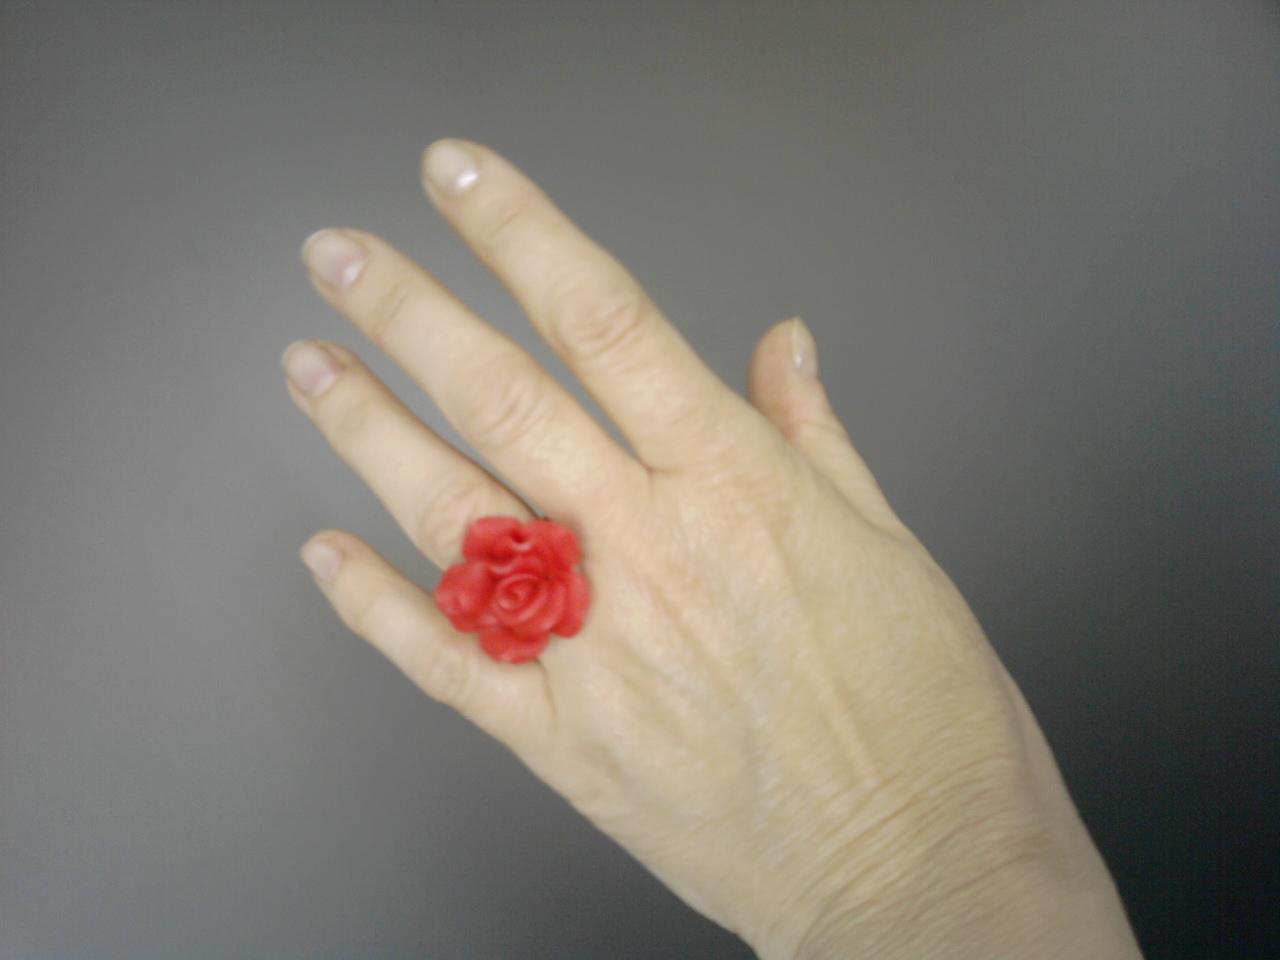 Nos nós dos dedos